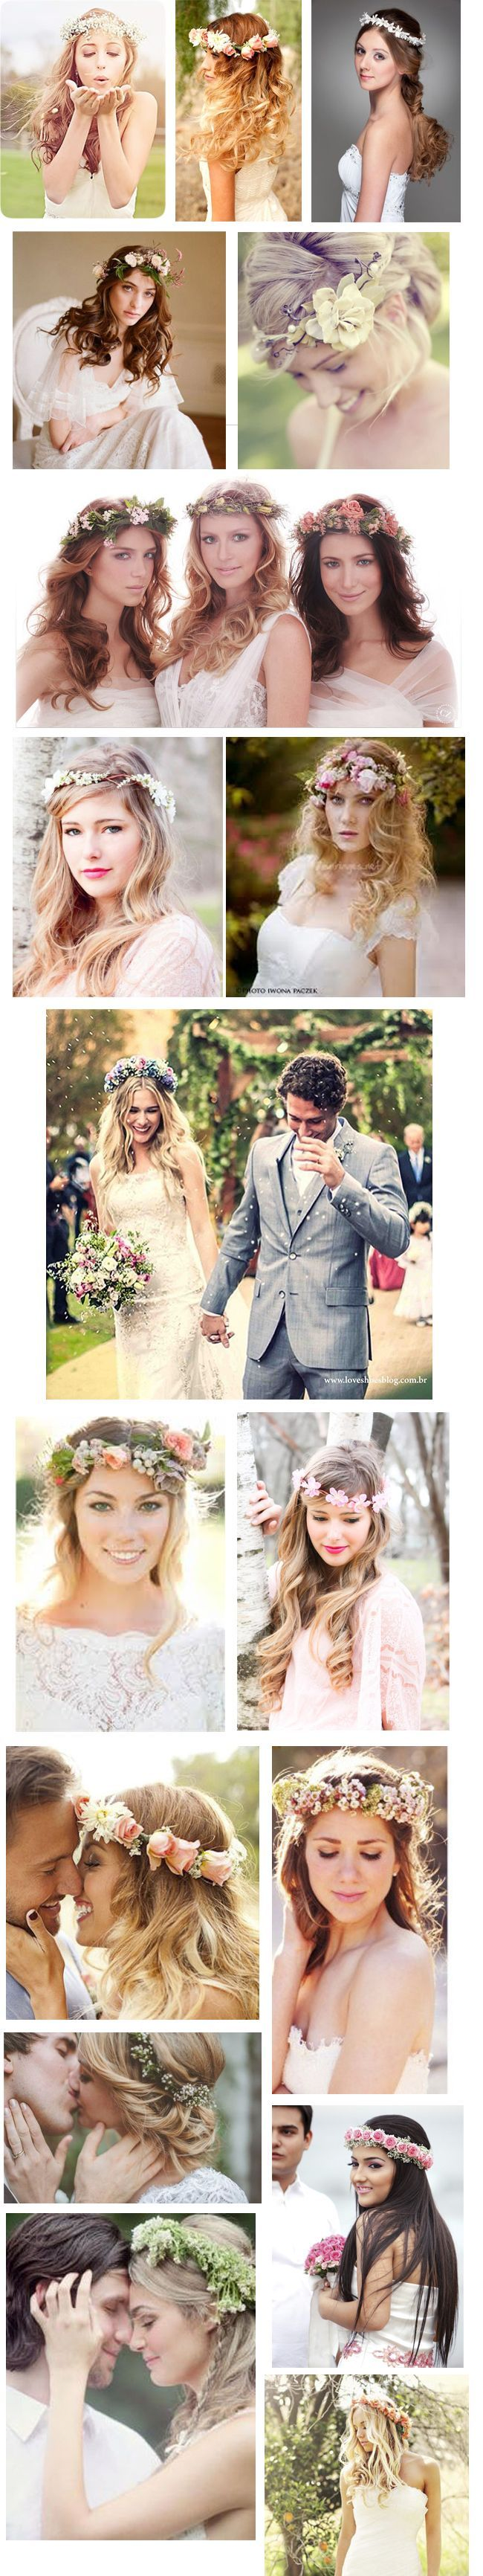 fotos de noivas usando coroa de flores